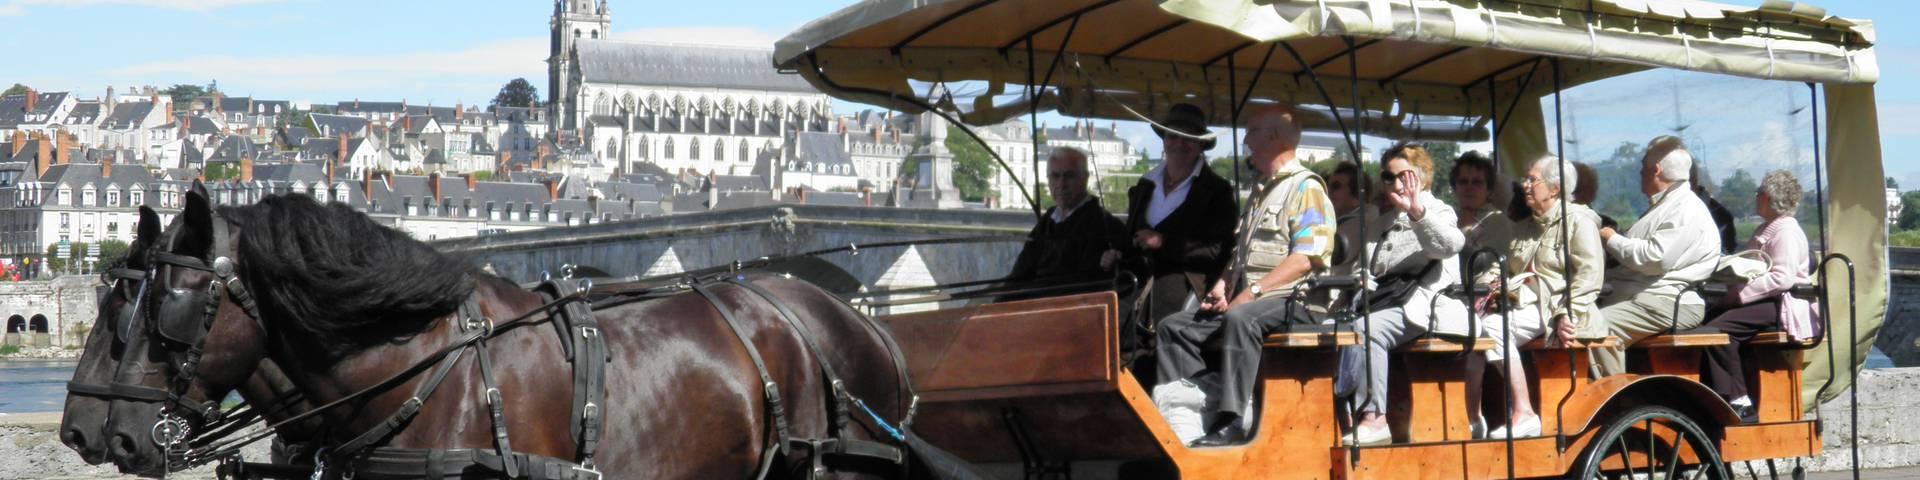 Promenade en calèche avec Attelage de prestige à Blois. © OTBC